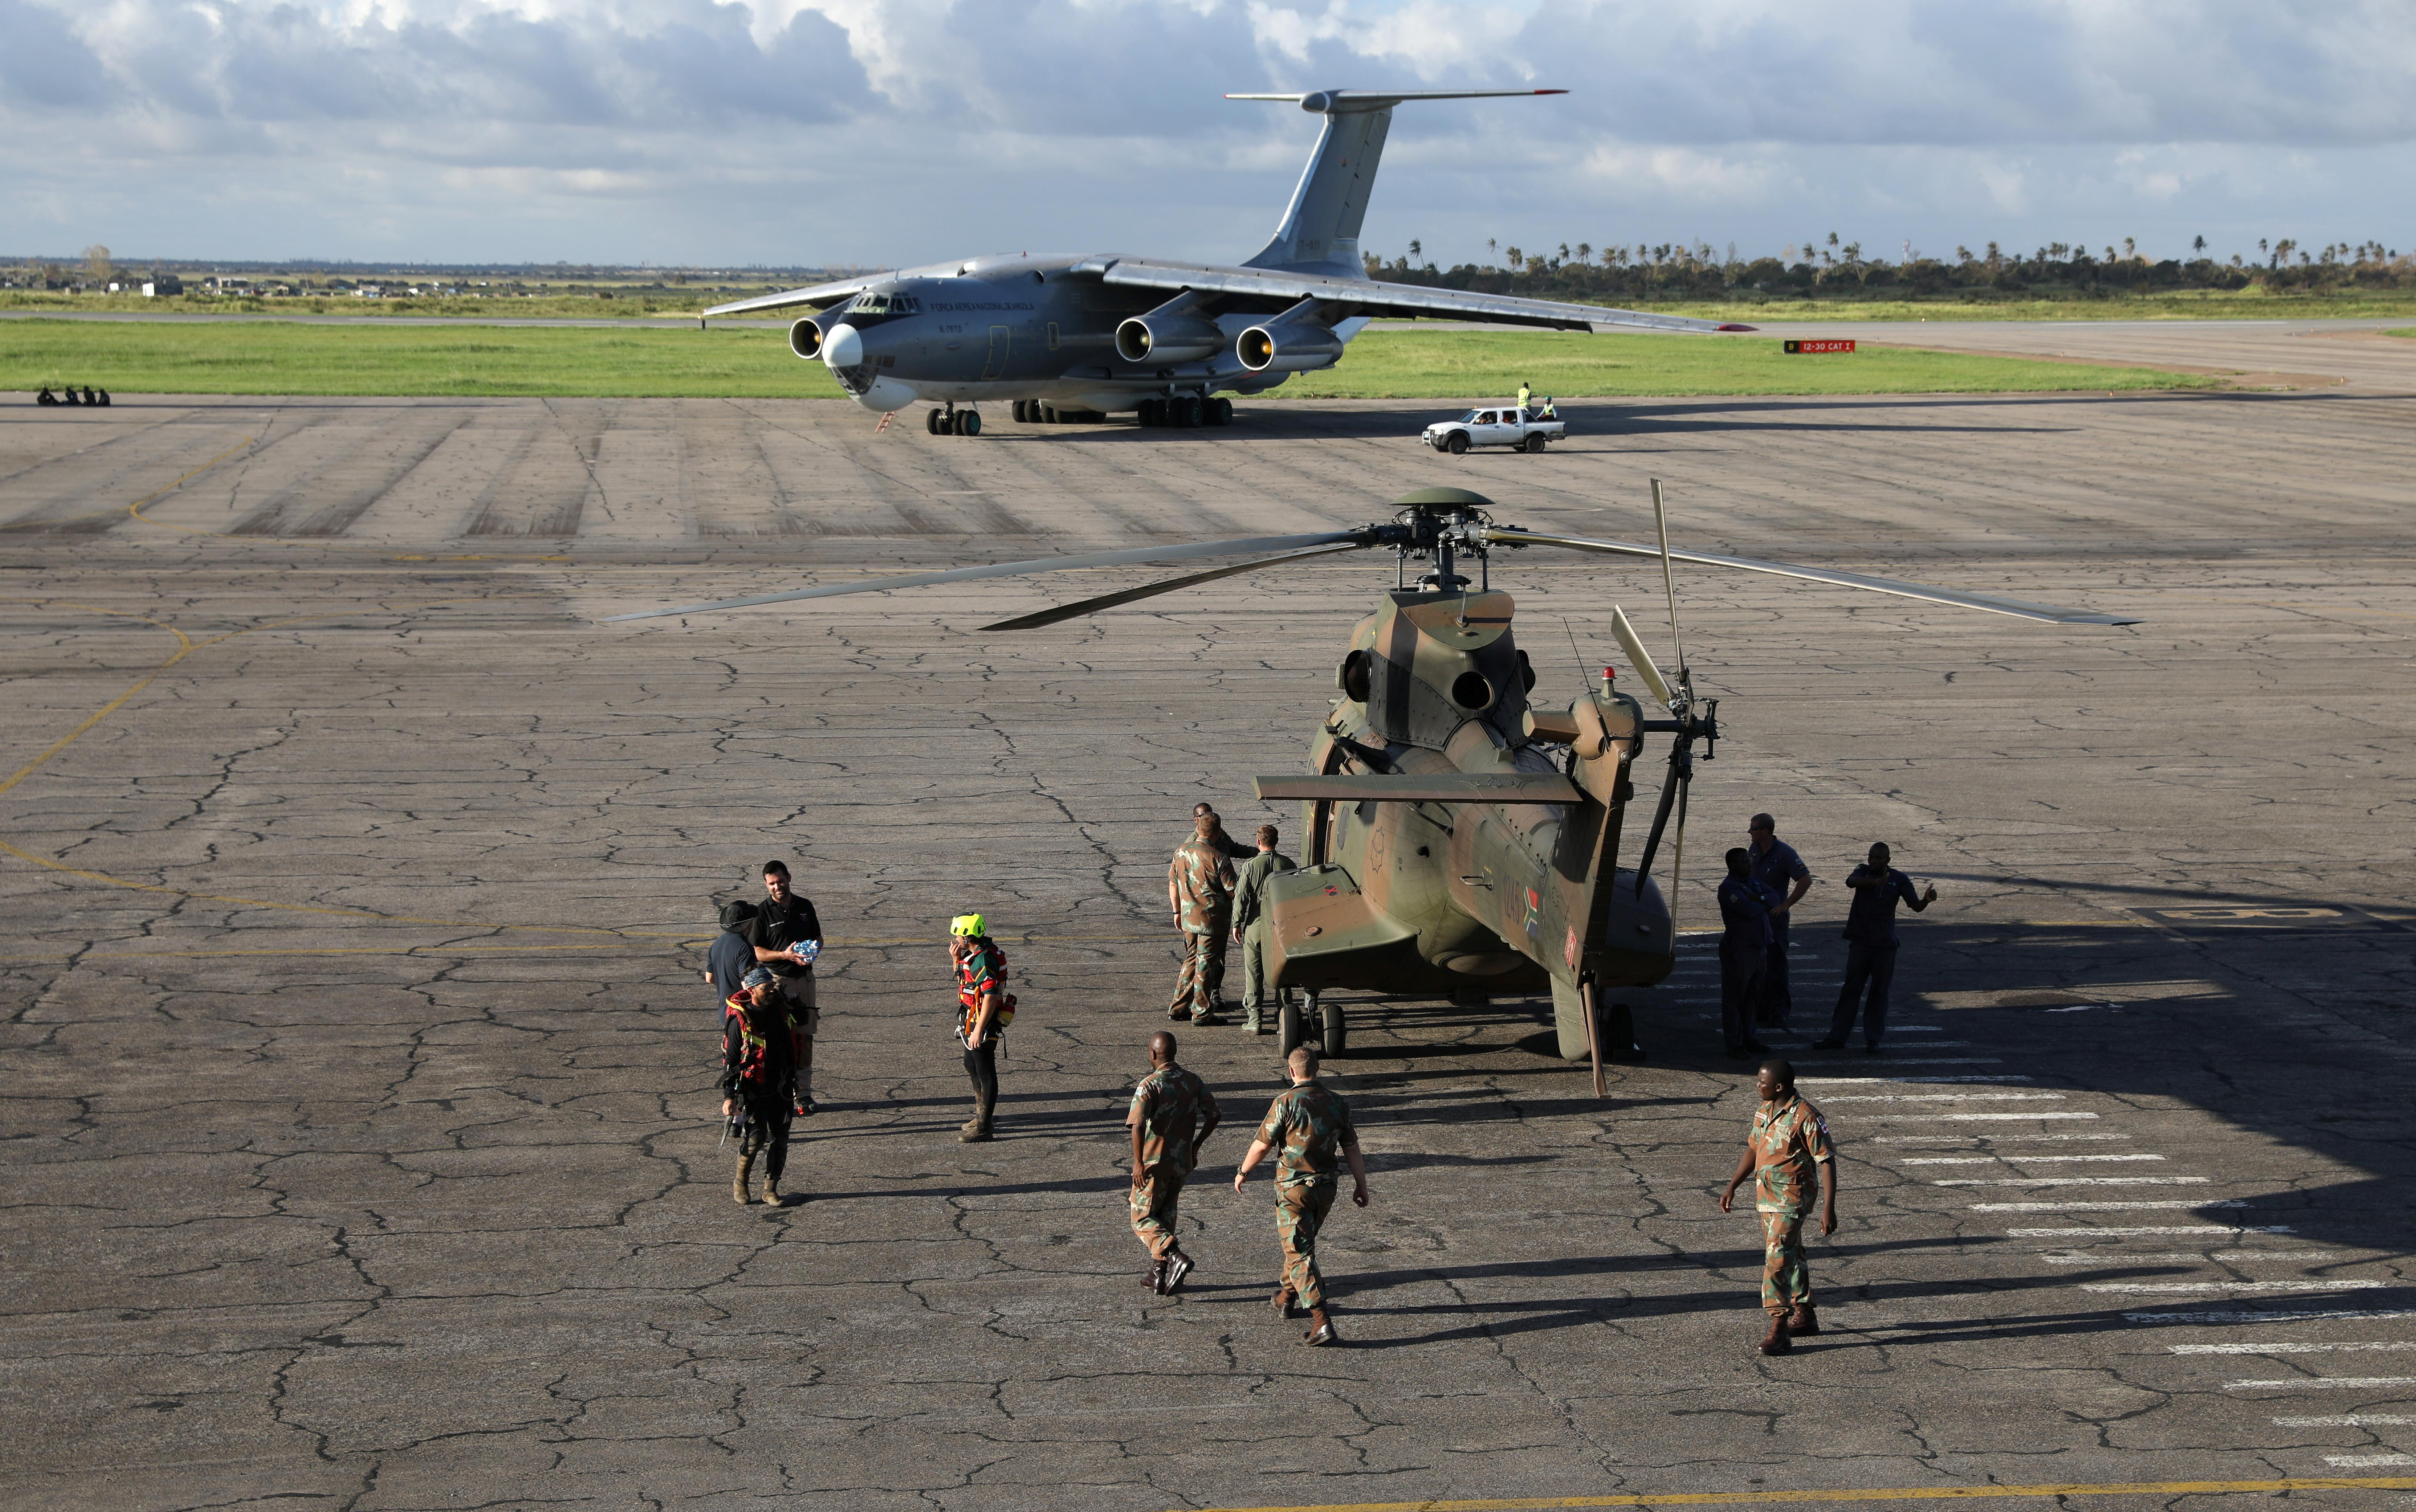 Seis portugueses repatriados para Portugal após tragédia em Moçambique